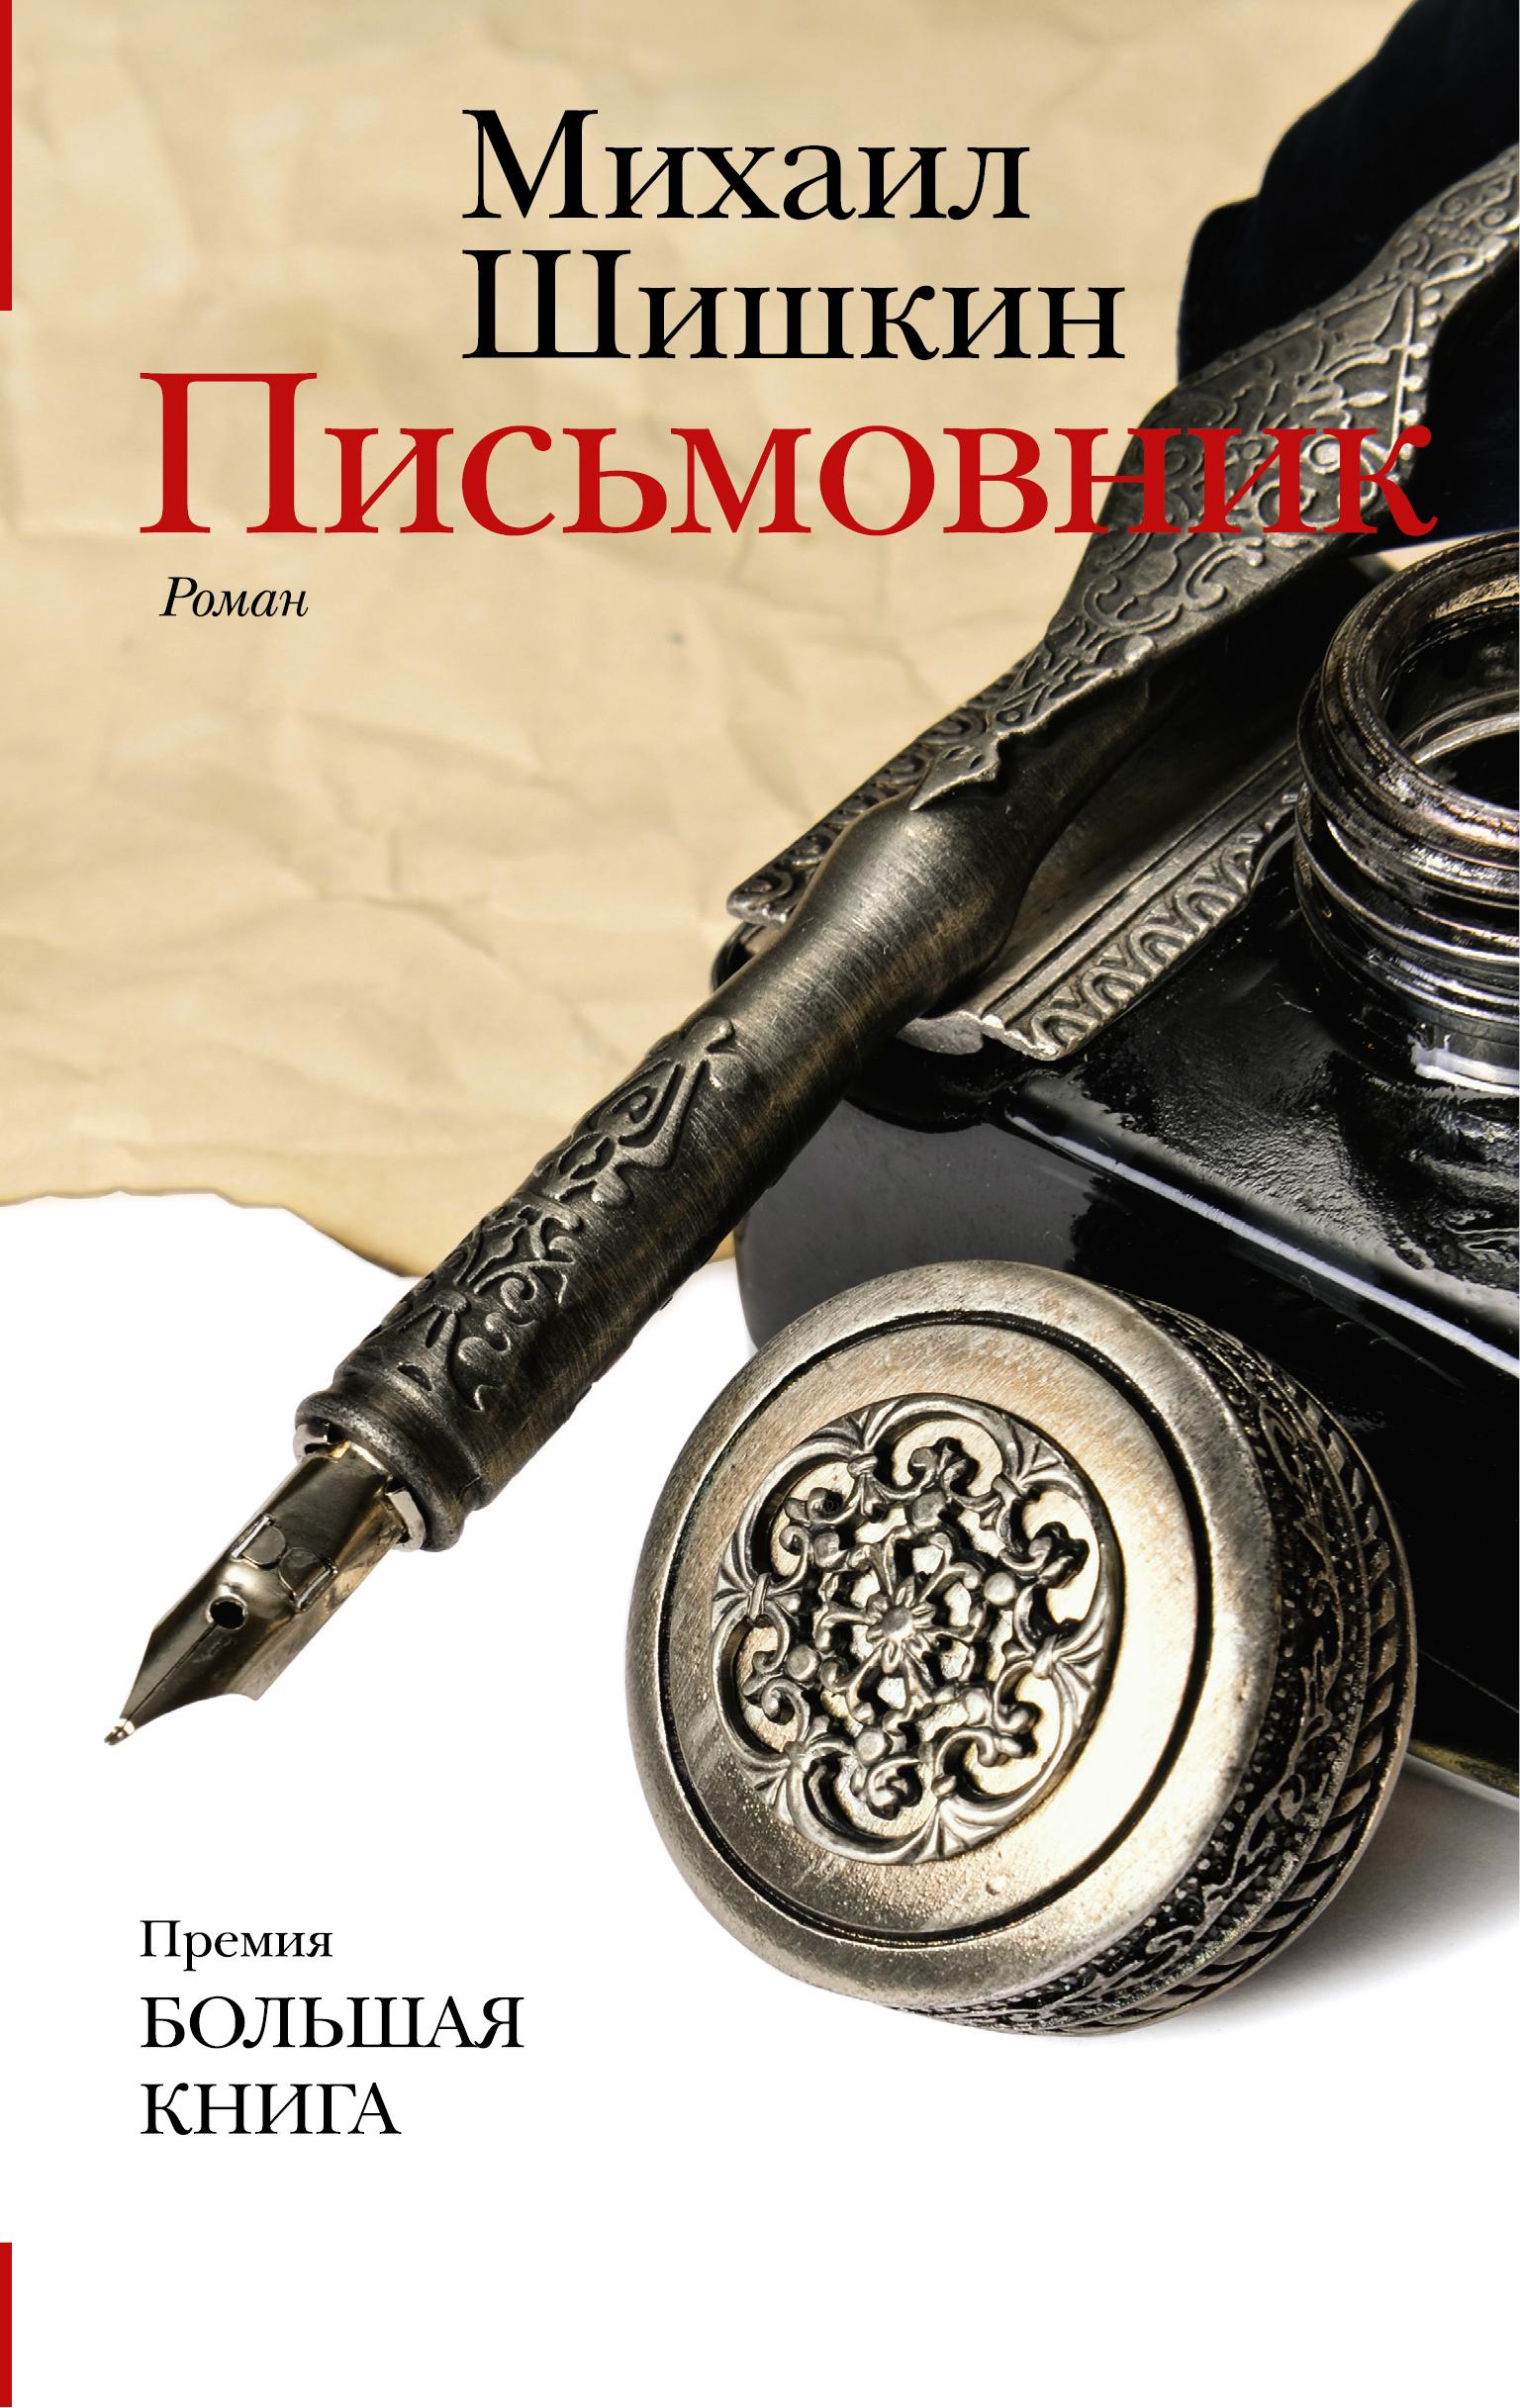 Шишкин М.П. Письмовник маркетинг girl роман о том как построить любовь и преуспевающий бизнес